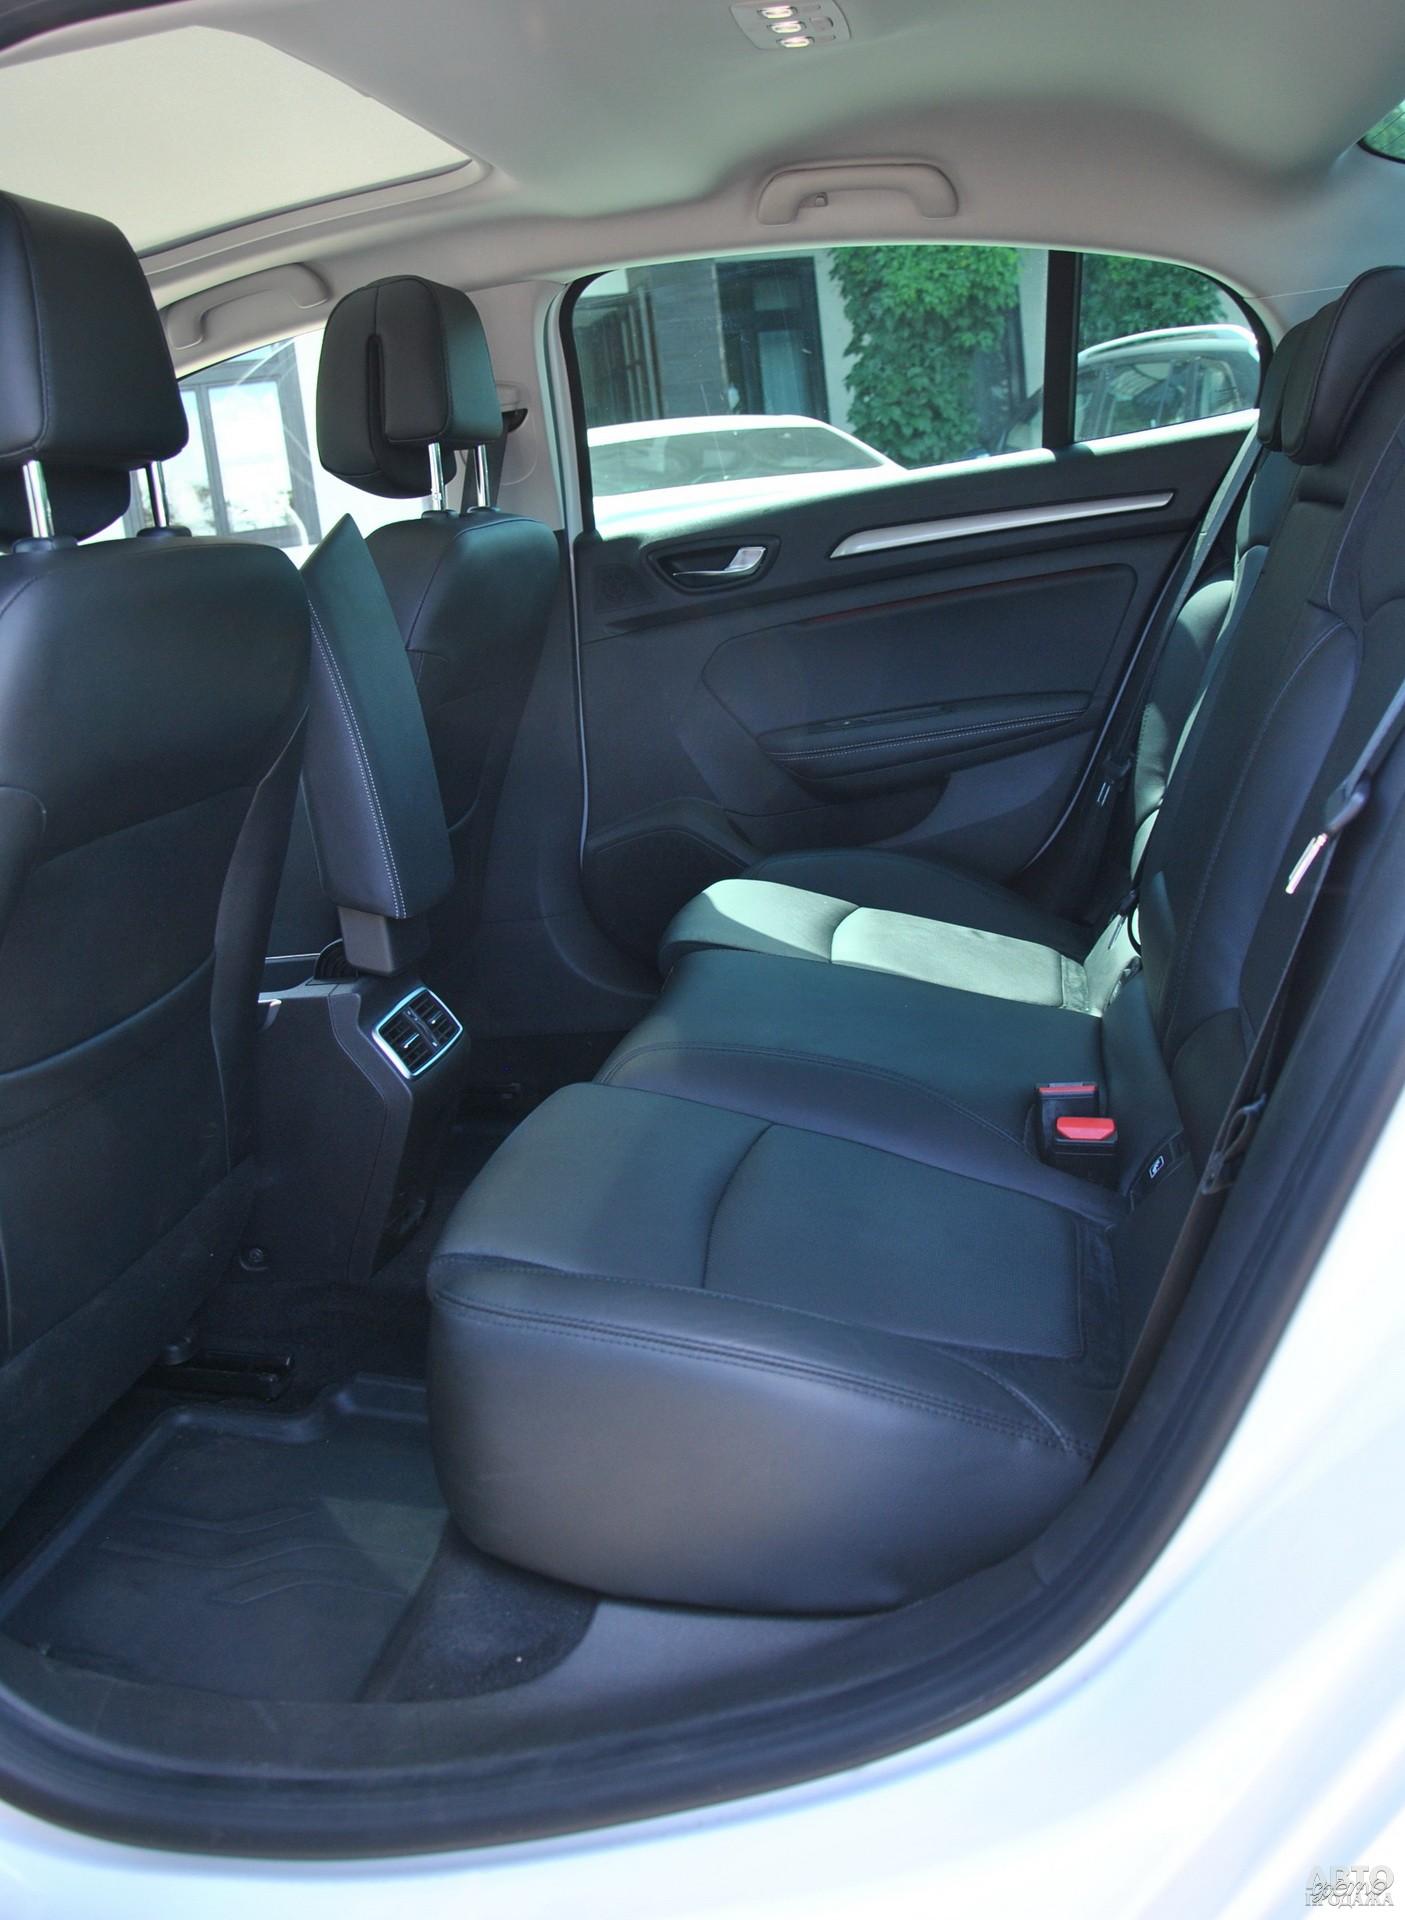 В Megane Sedan больше всего места для ног